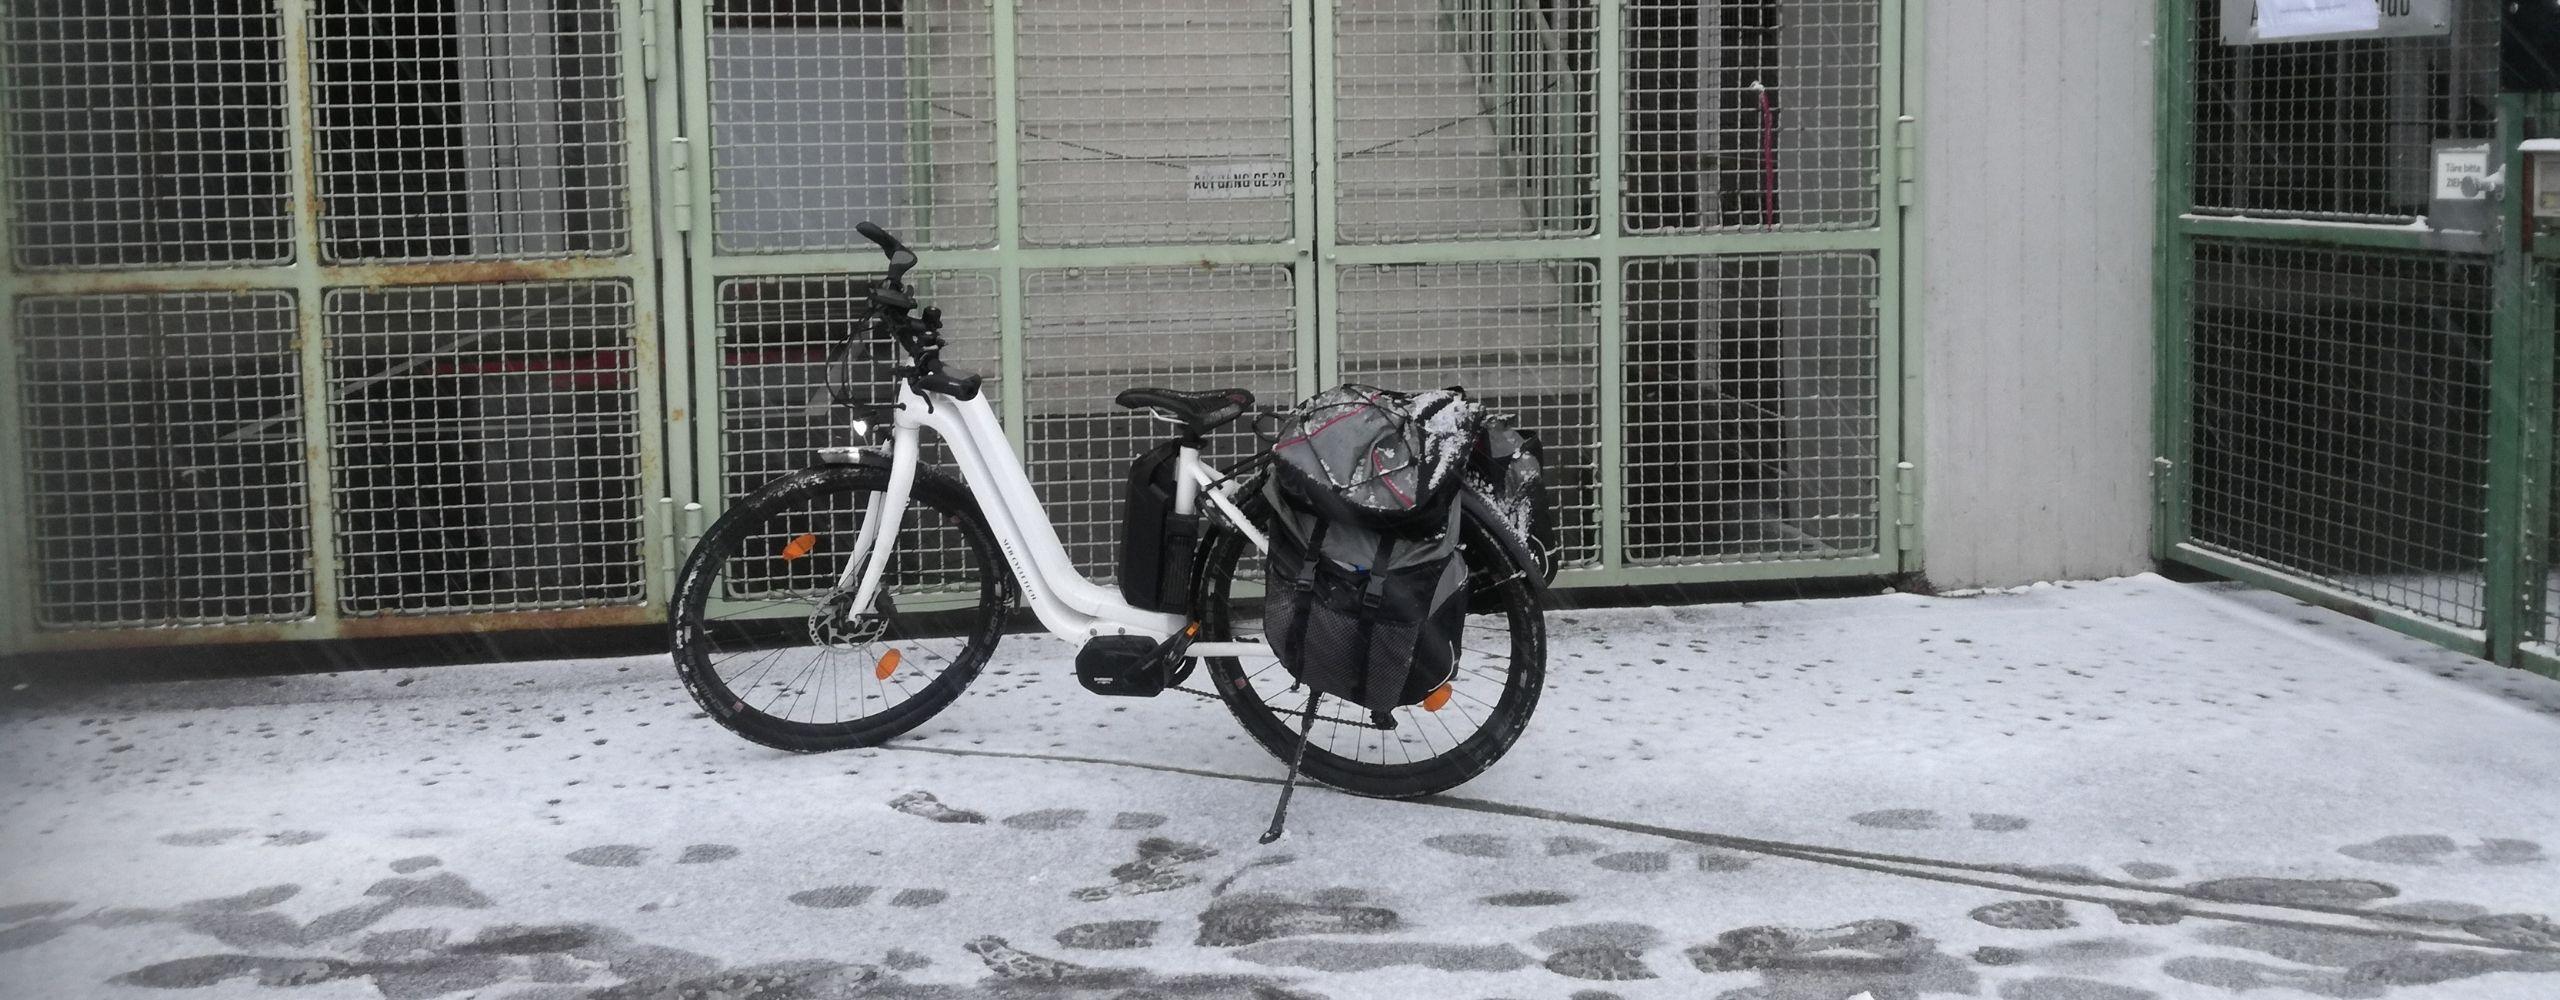 Angelika eBike im Schnee